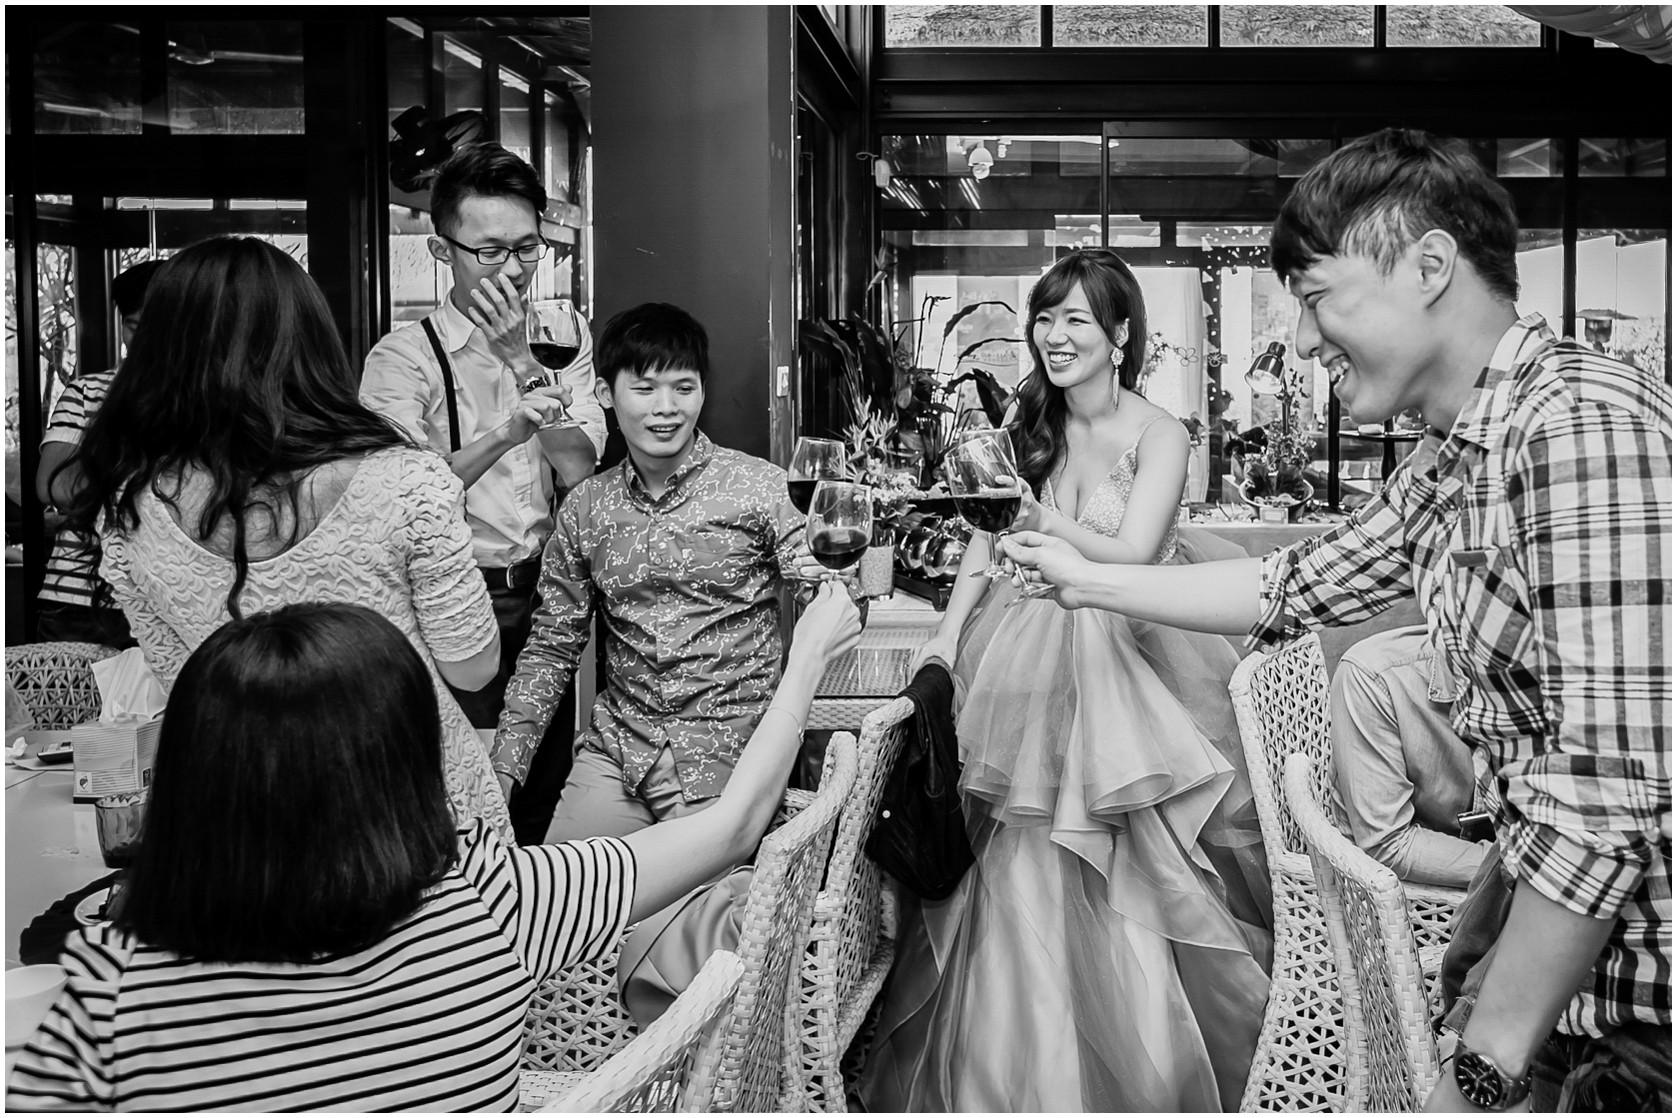 婚禮紀錄 / 婚禮拍攝 / 平面紀錄 / 八里BALI水岸